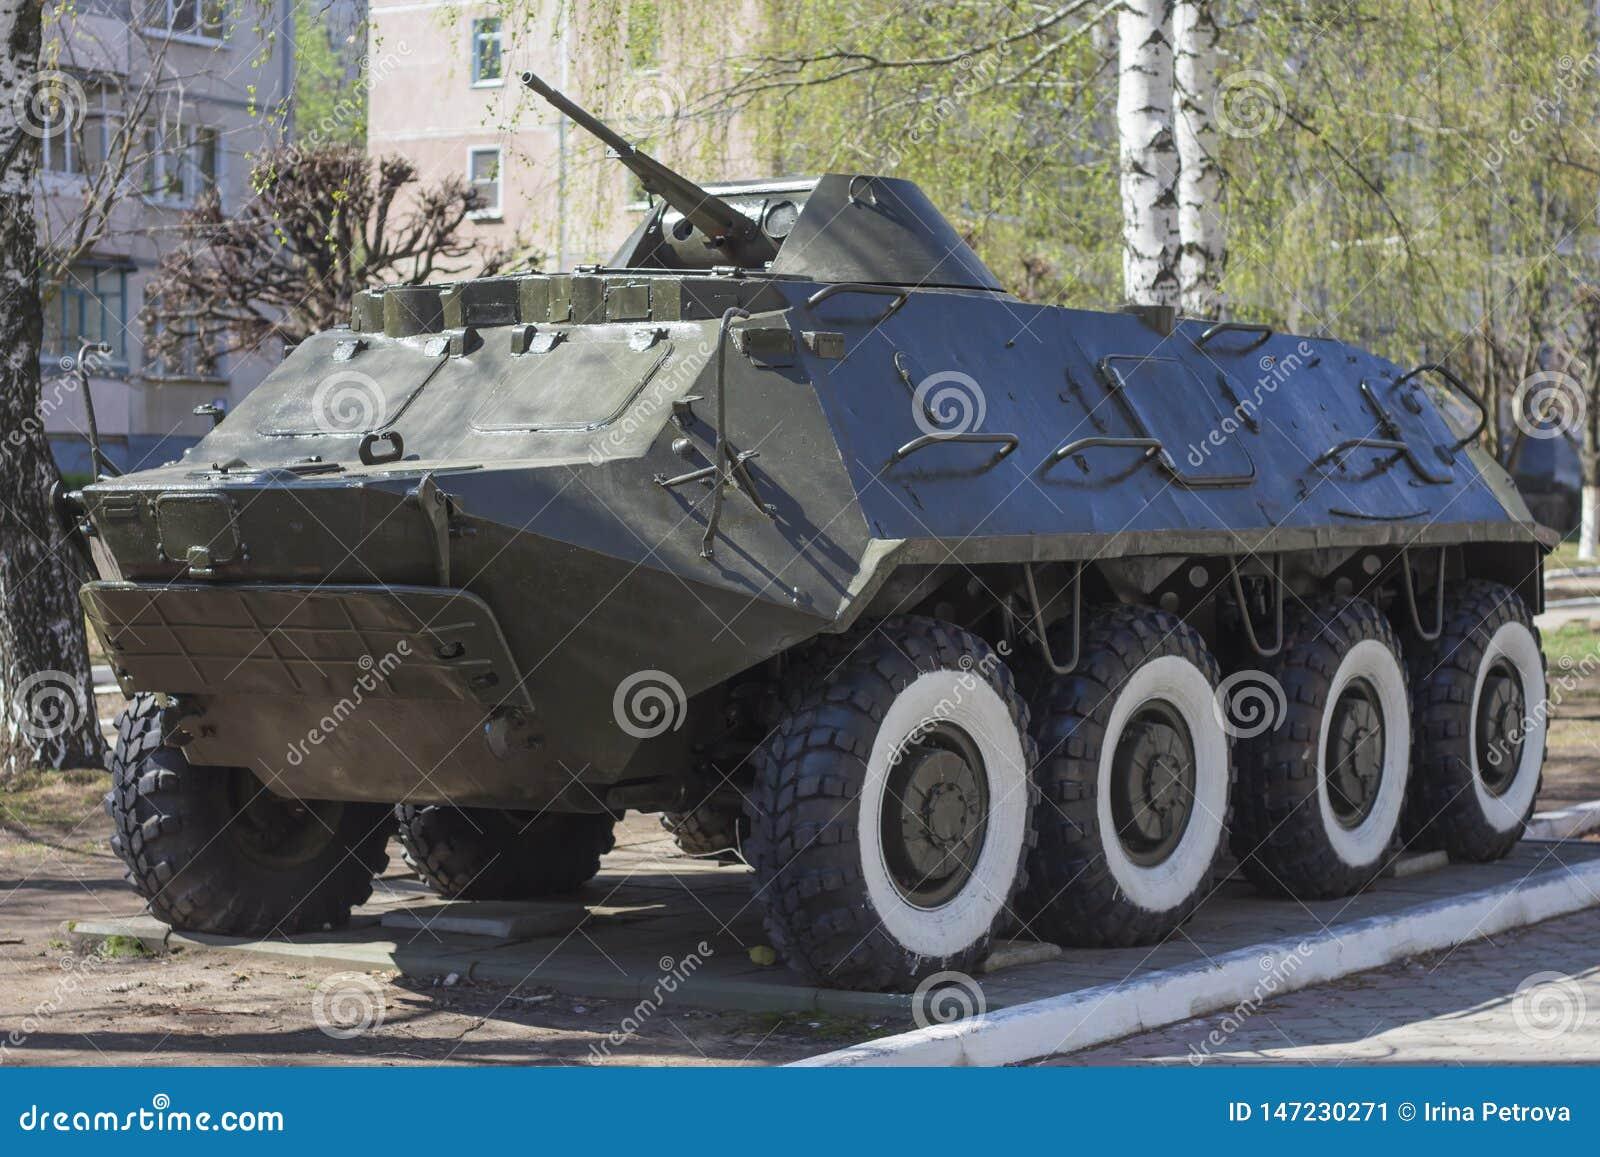 Vehículo de lucha de la infantería del vehículo blindado de transporte de personal Equipo militar